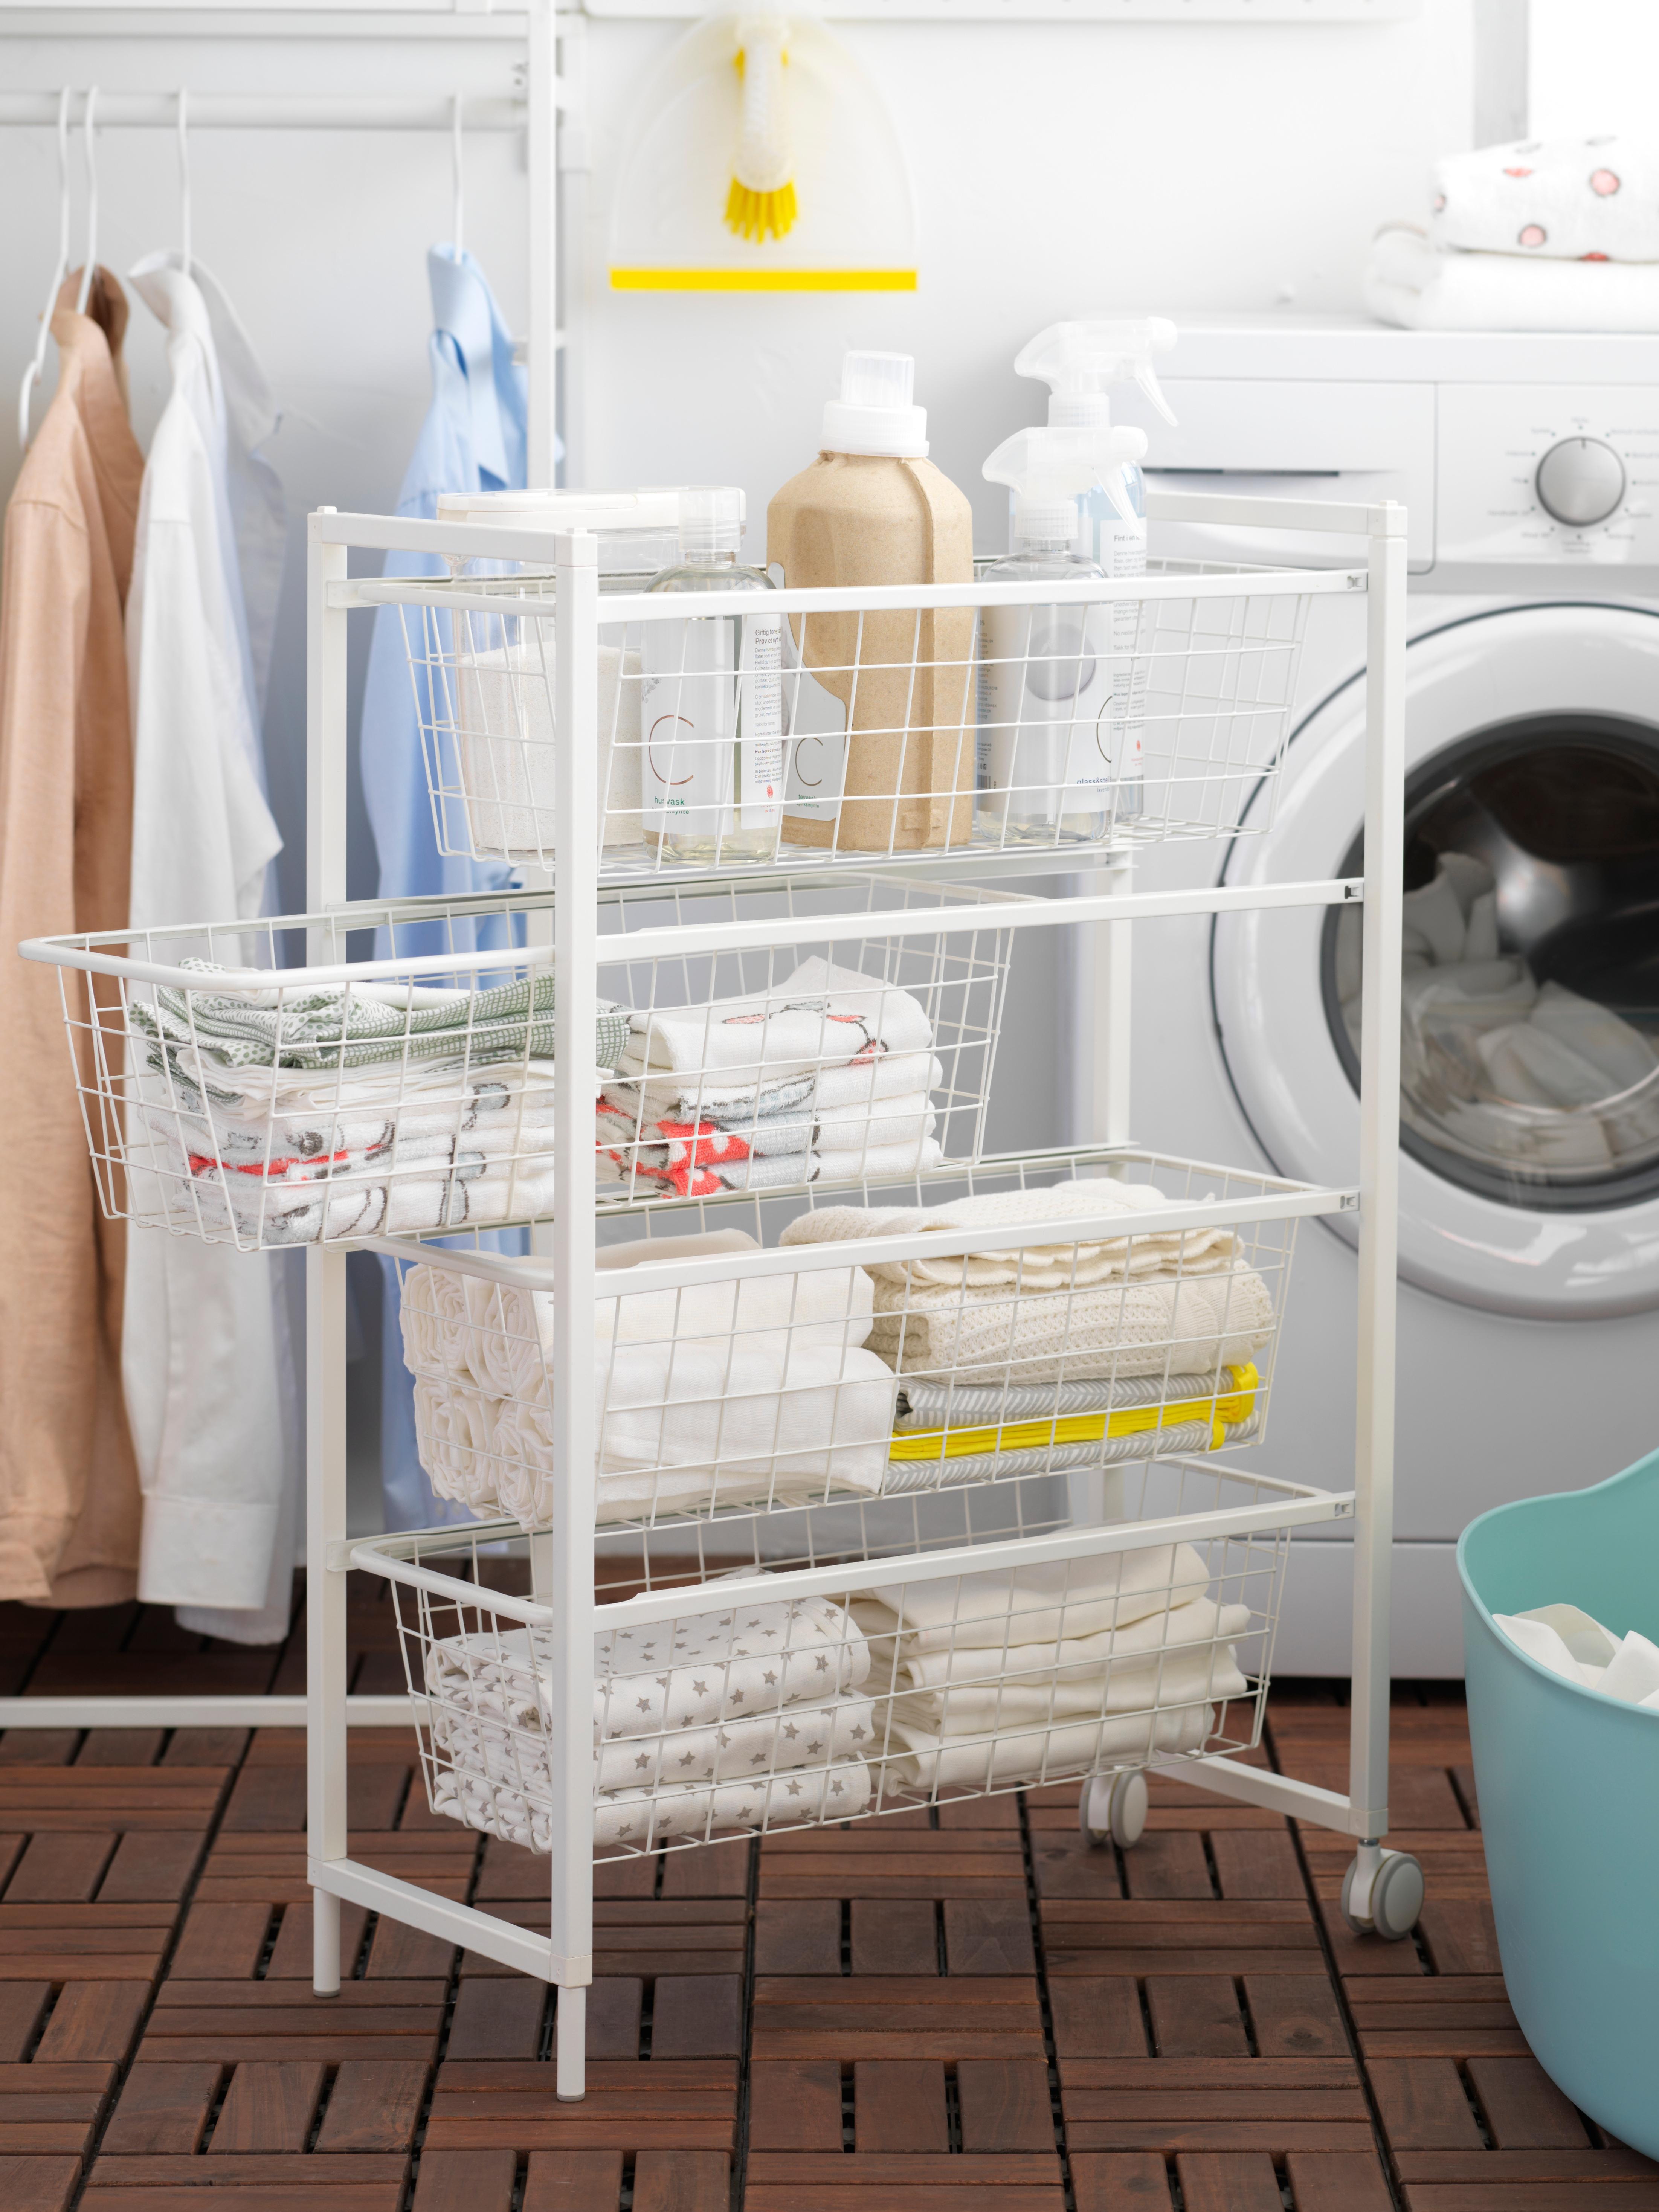 In een wasruimte staan een wasmachine en een wit JONAXEL frame met draadmanden en wielen, met daarop handdoeken en zeep.